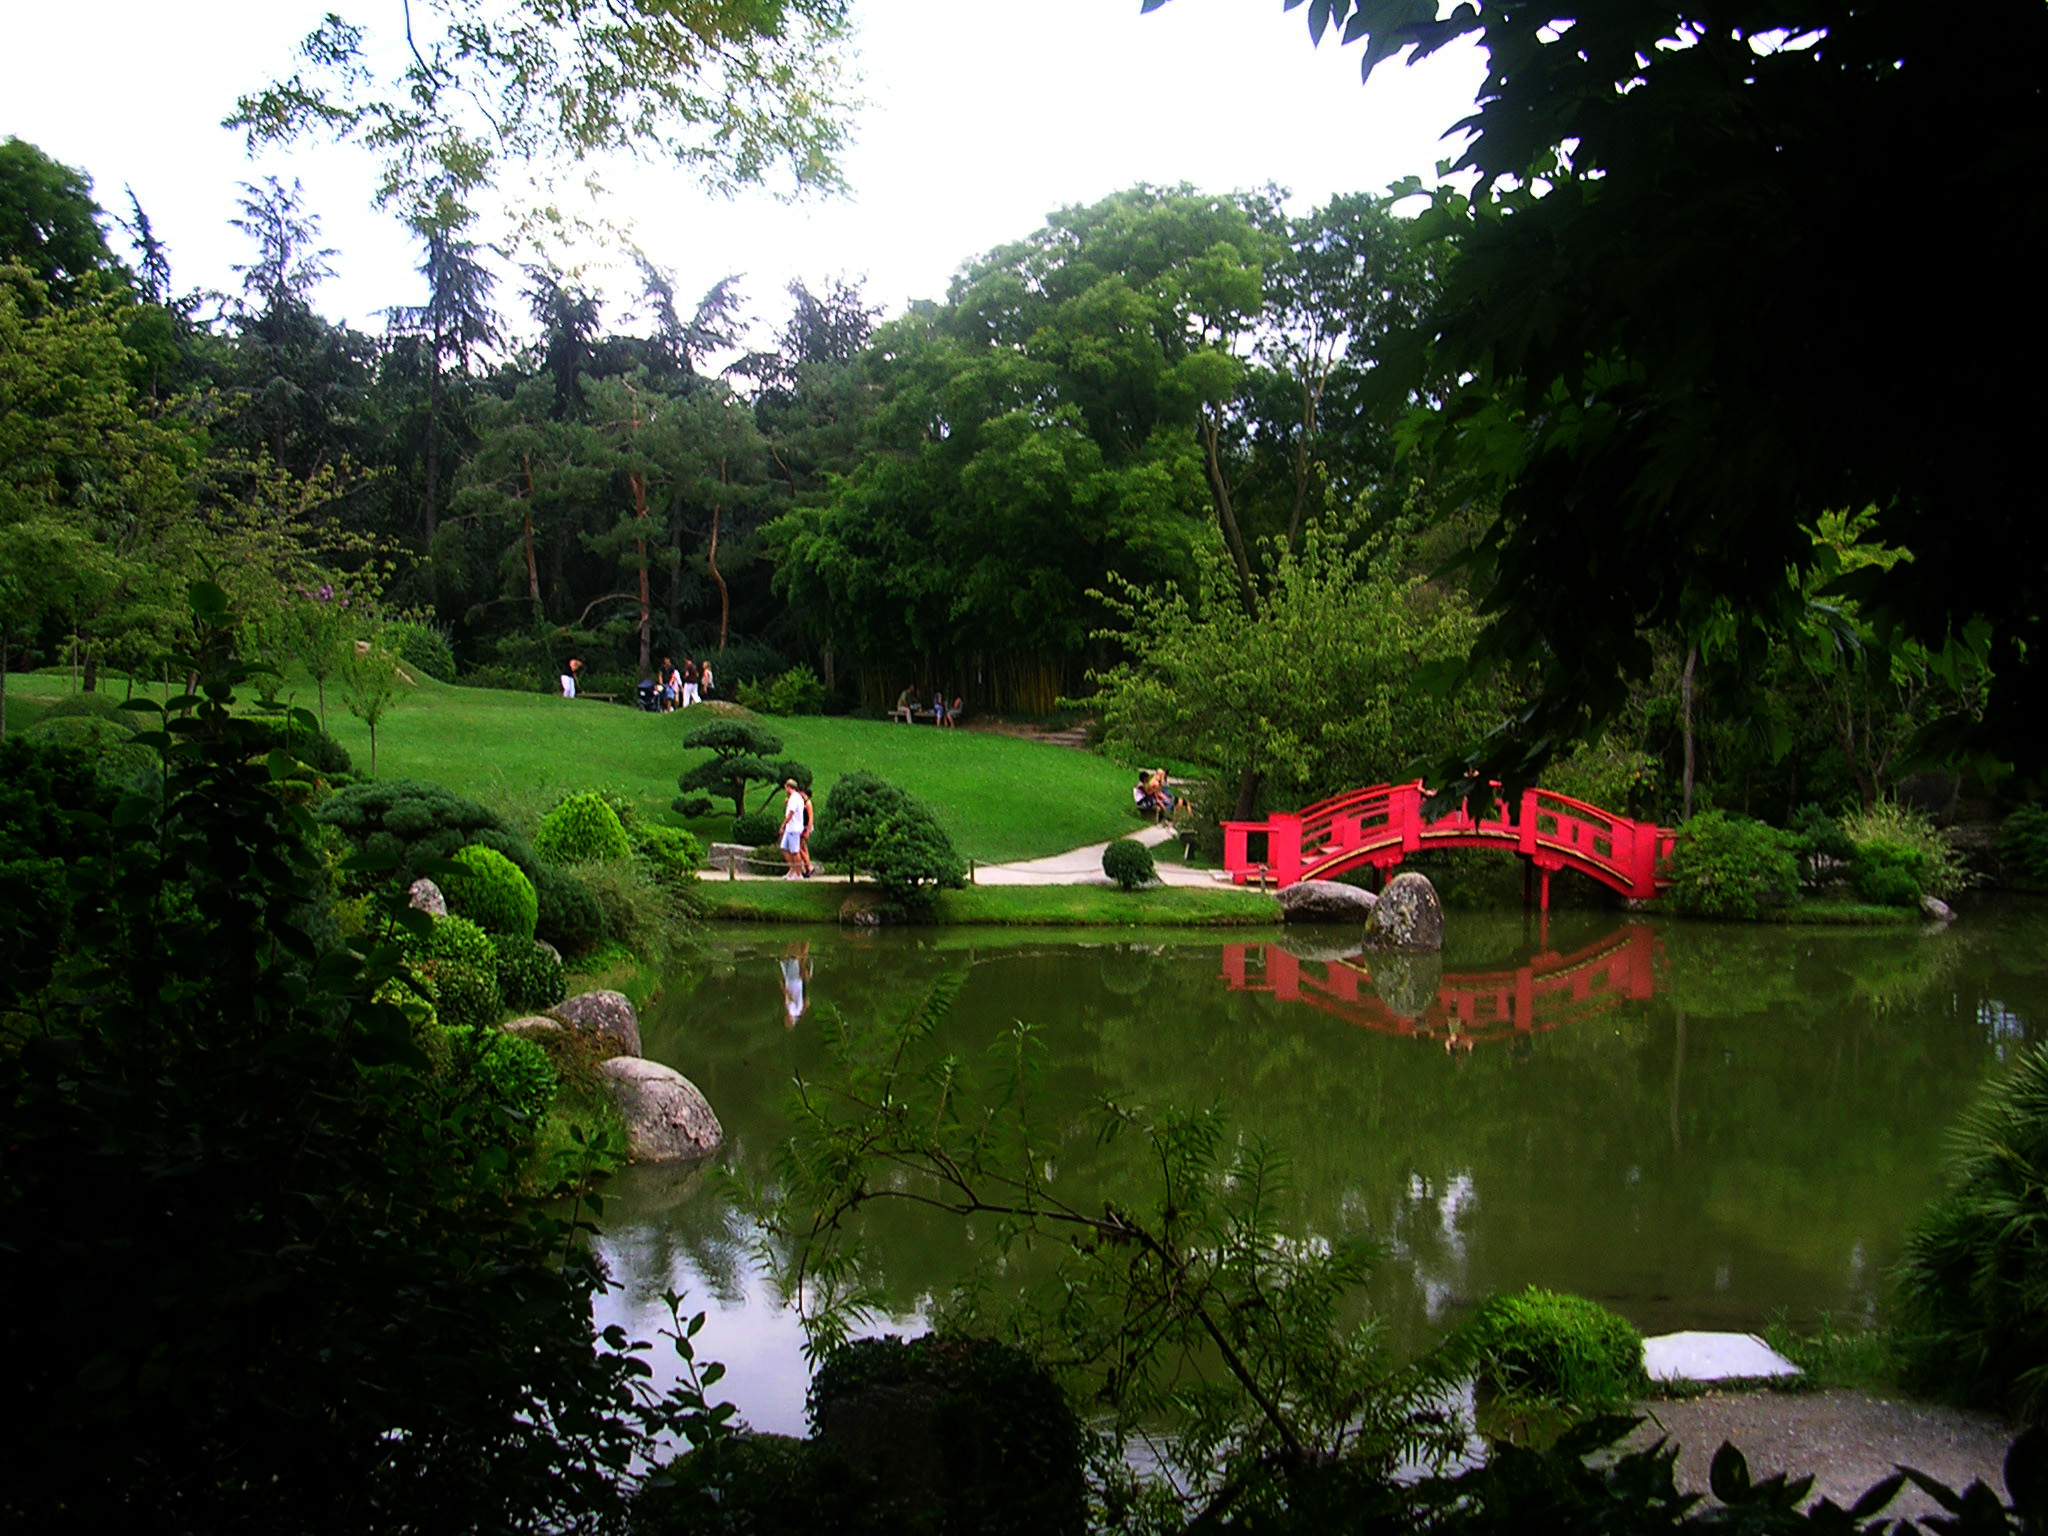 jardin japonais toulouse - Jardin Japonais Le Havre